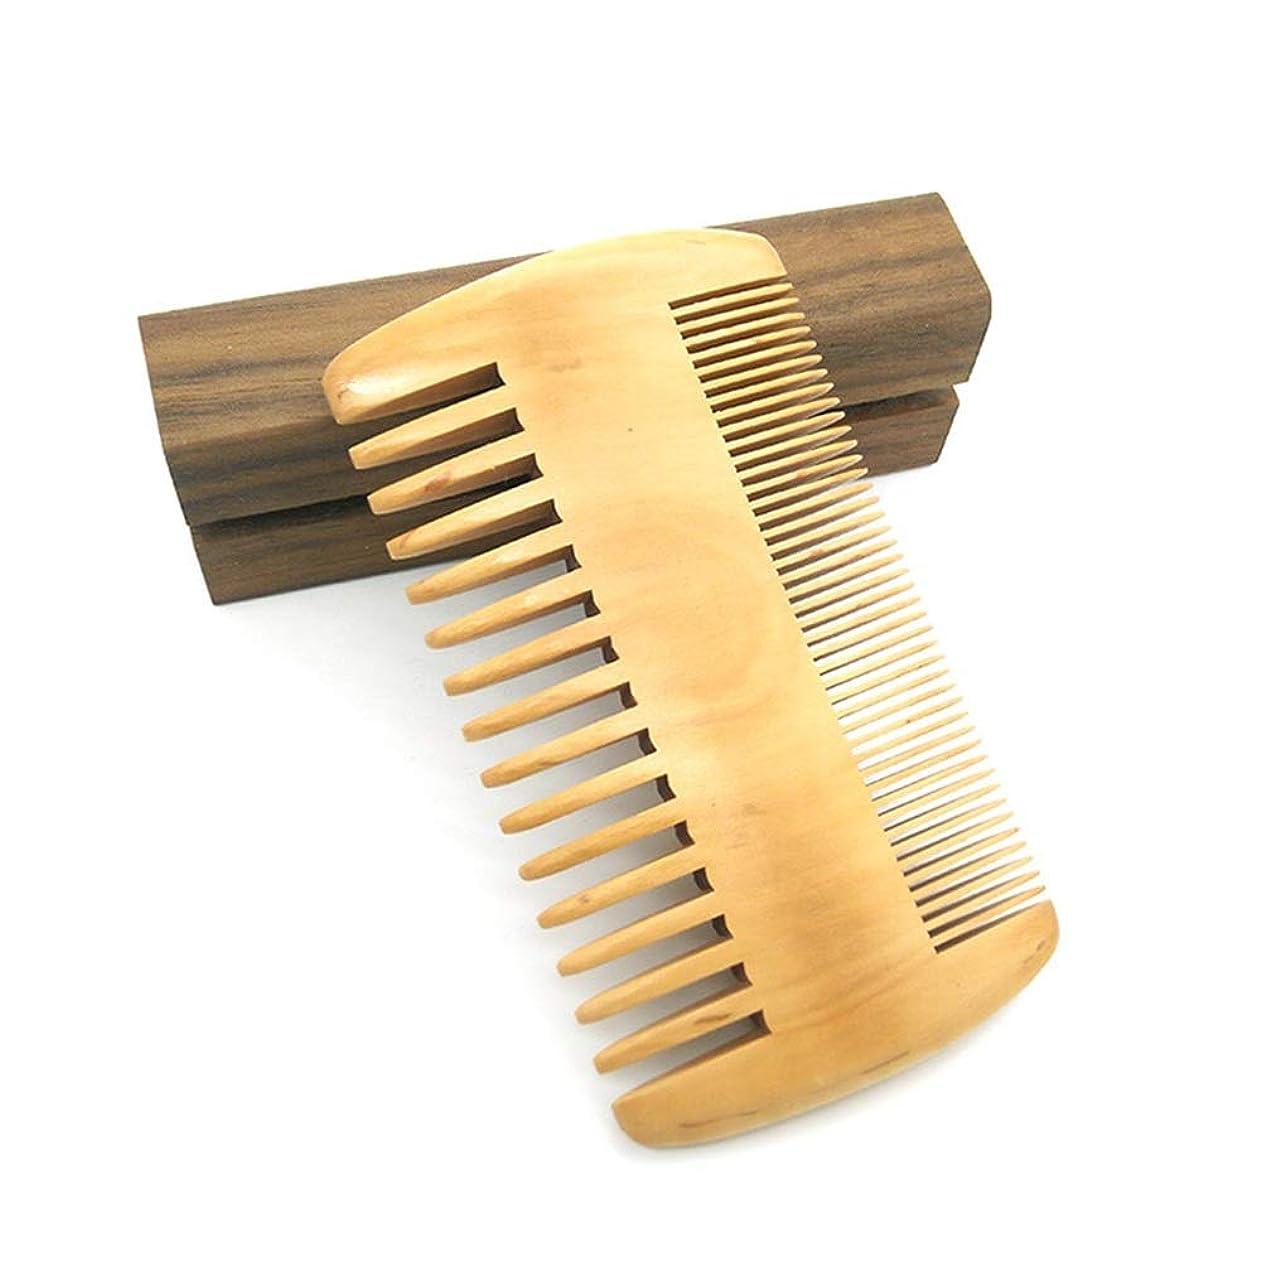 離すアラート貪欲2個の手作りピーチウッドコーム - ふけ防止、非静電気、環境にやさしい - 頭皮と髪の健康に良い罰金と広い歯に非常に適しています